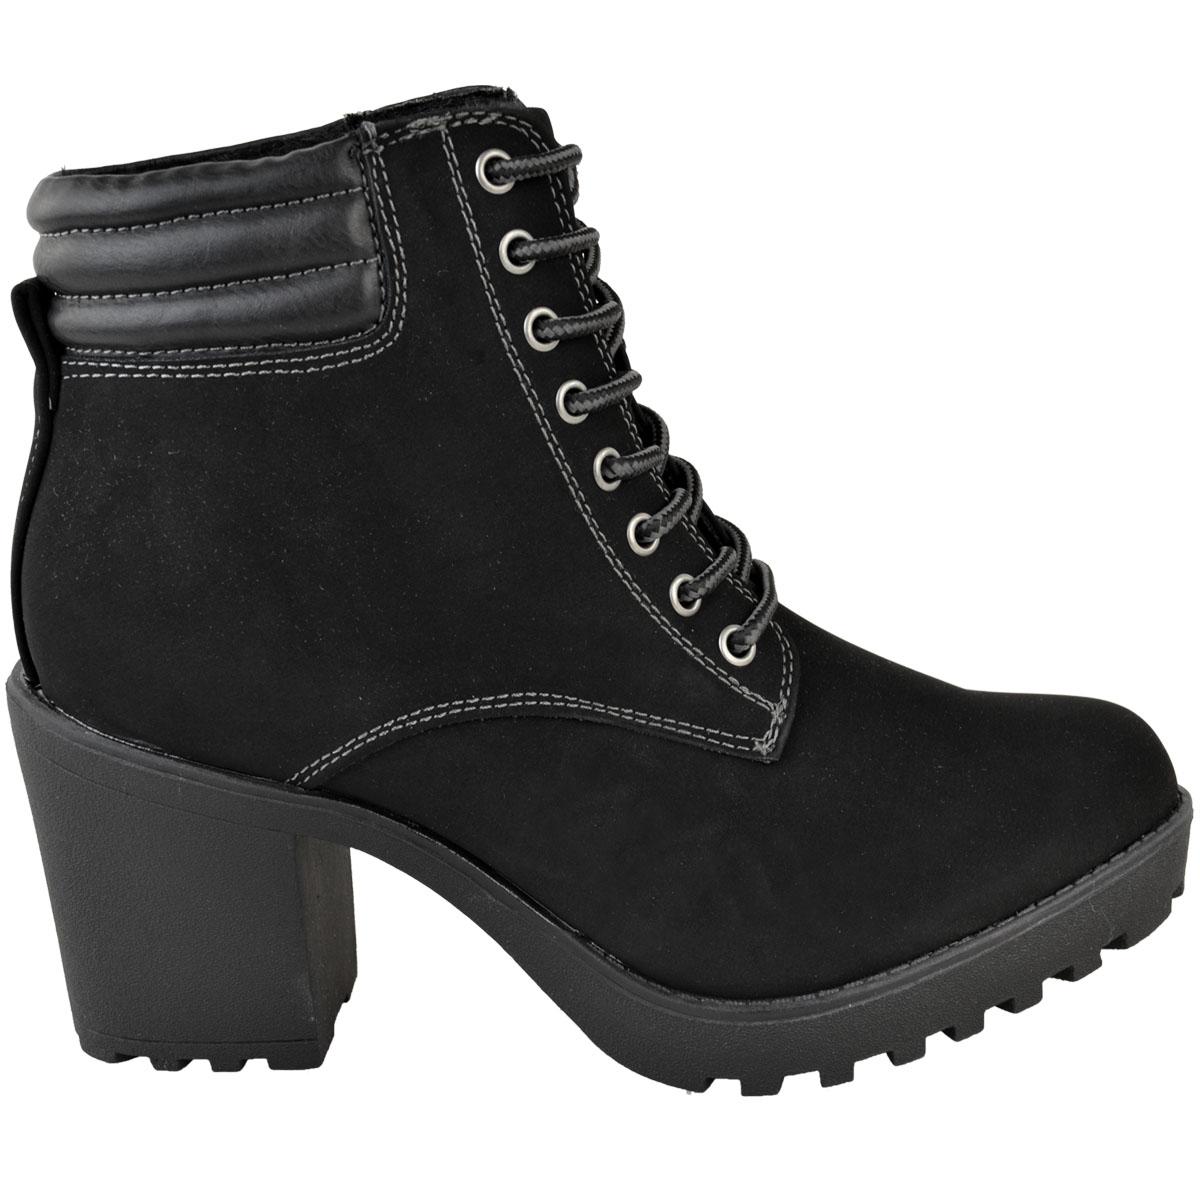 Womens-Ladies-Winter-Walking-Boots-Fleece-Warm-Lining-Cosy-Low-Block-Heel-Size Indexbild 14